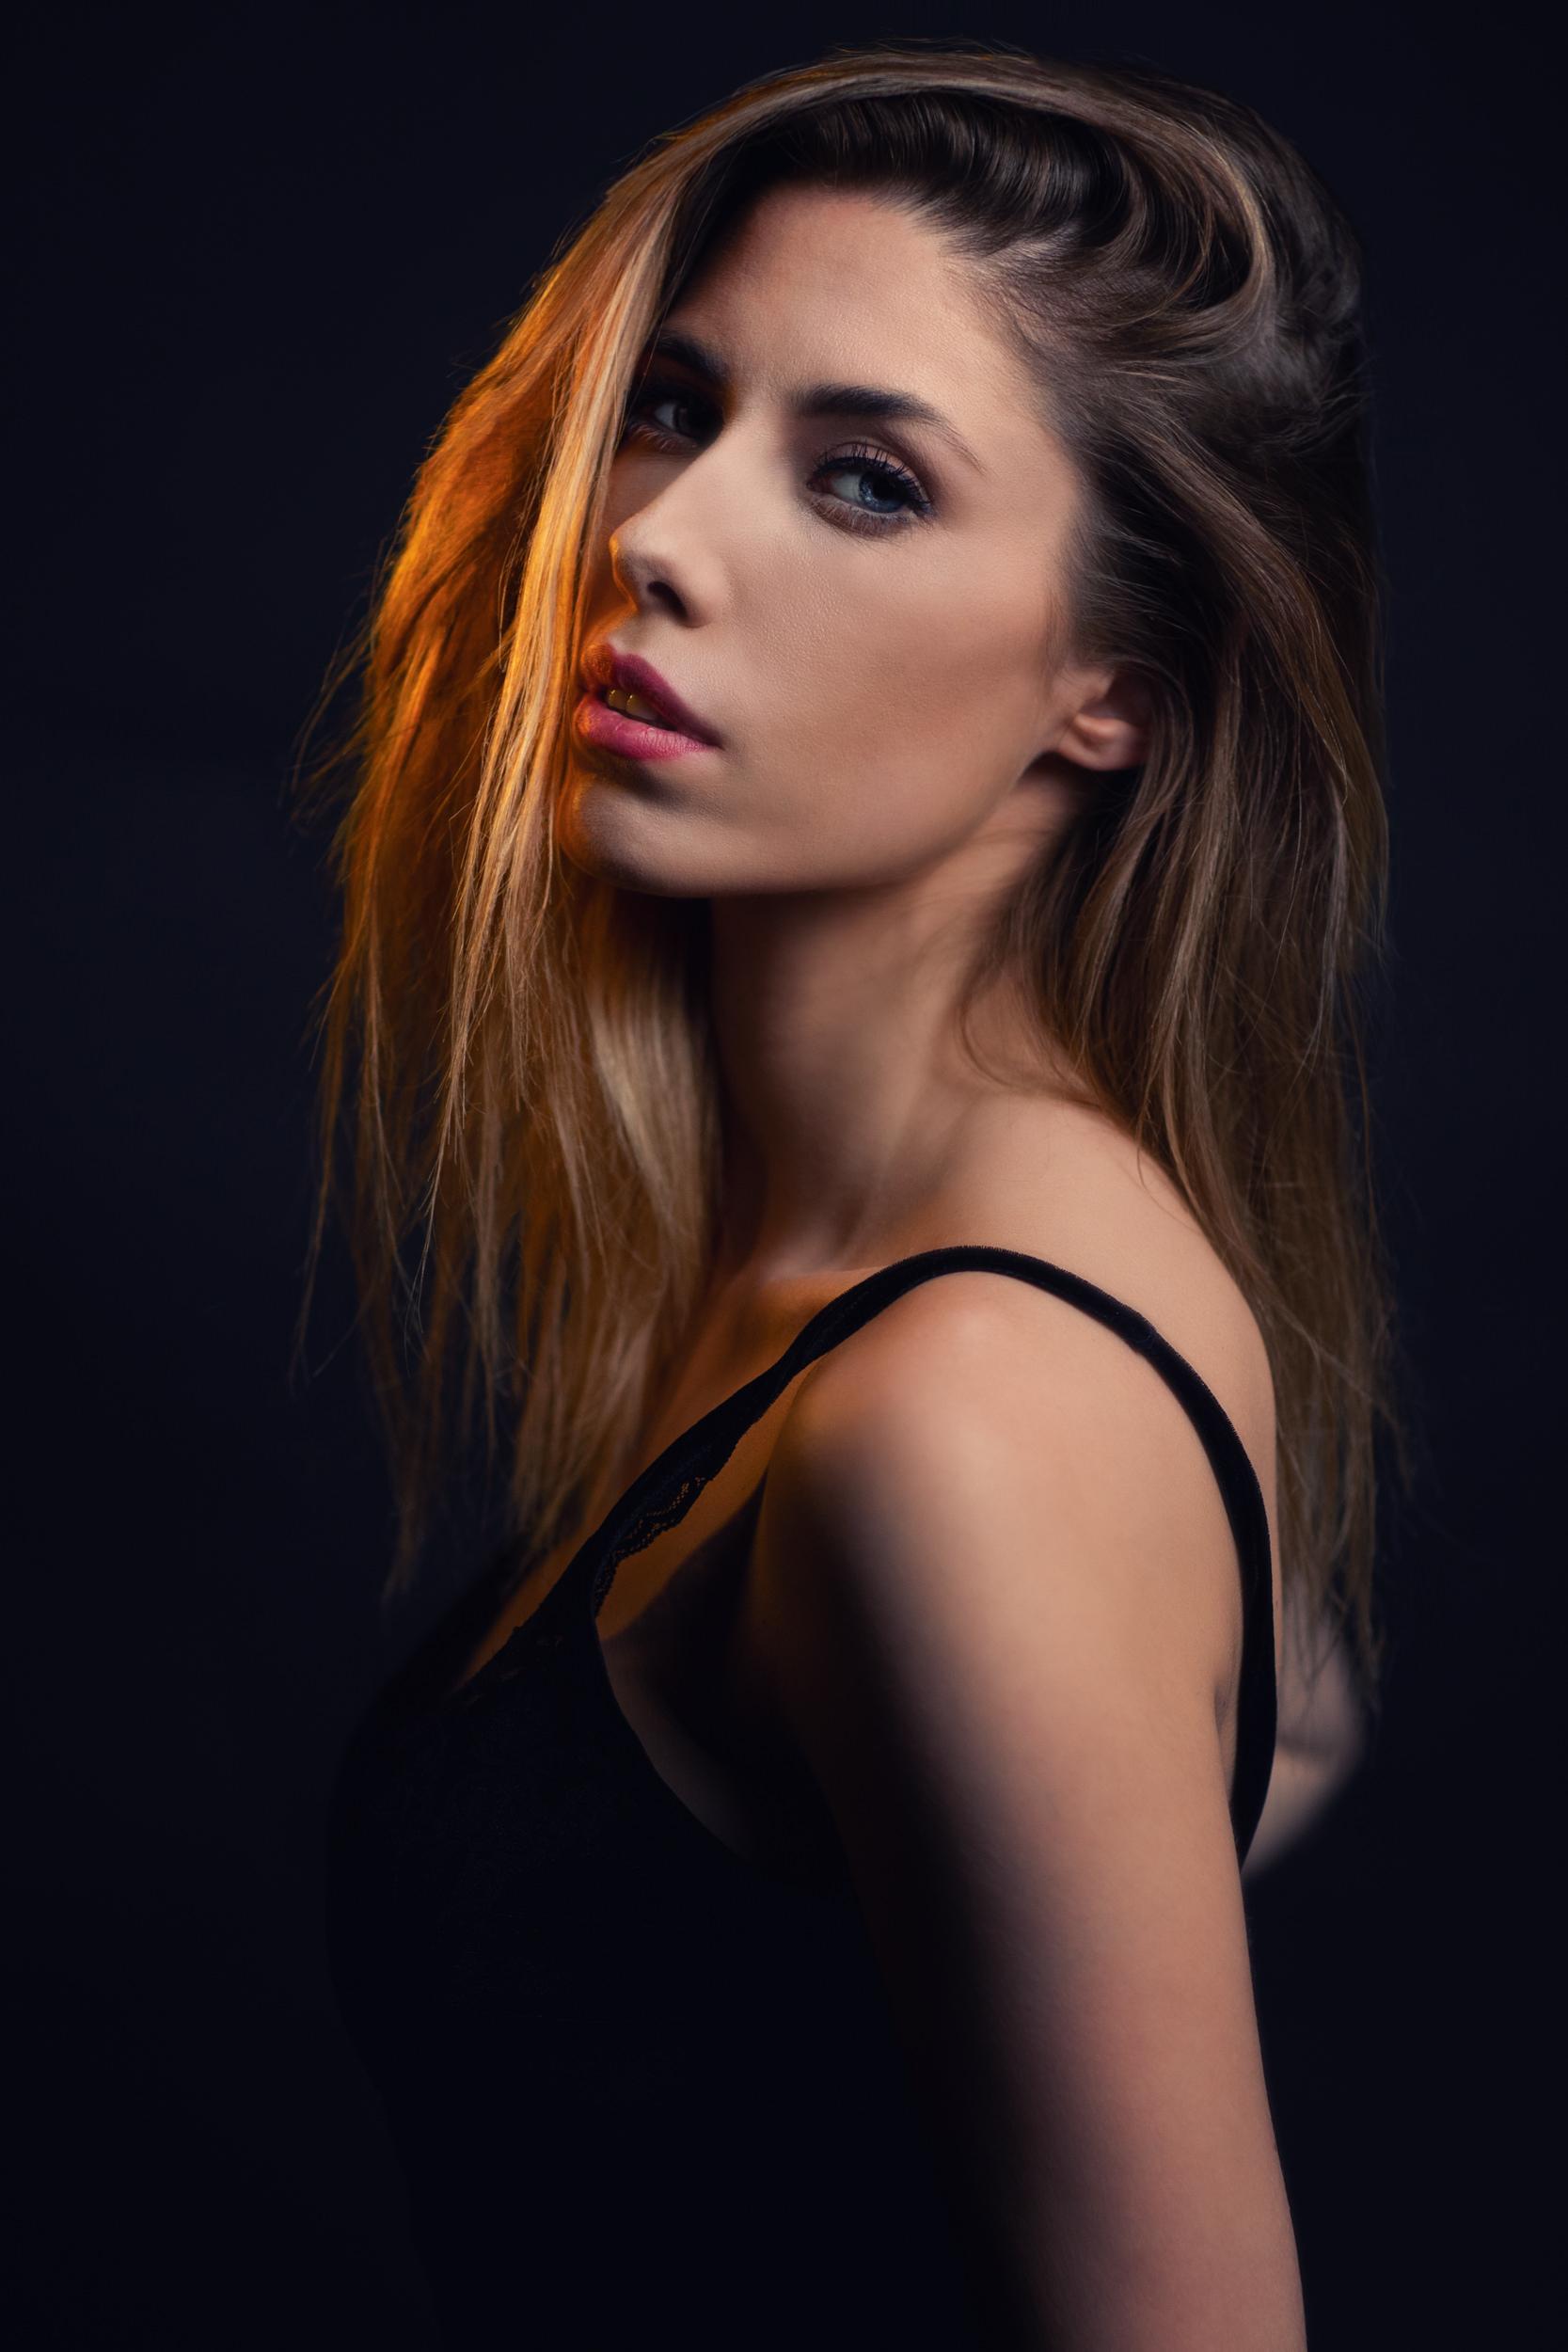 personen 19